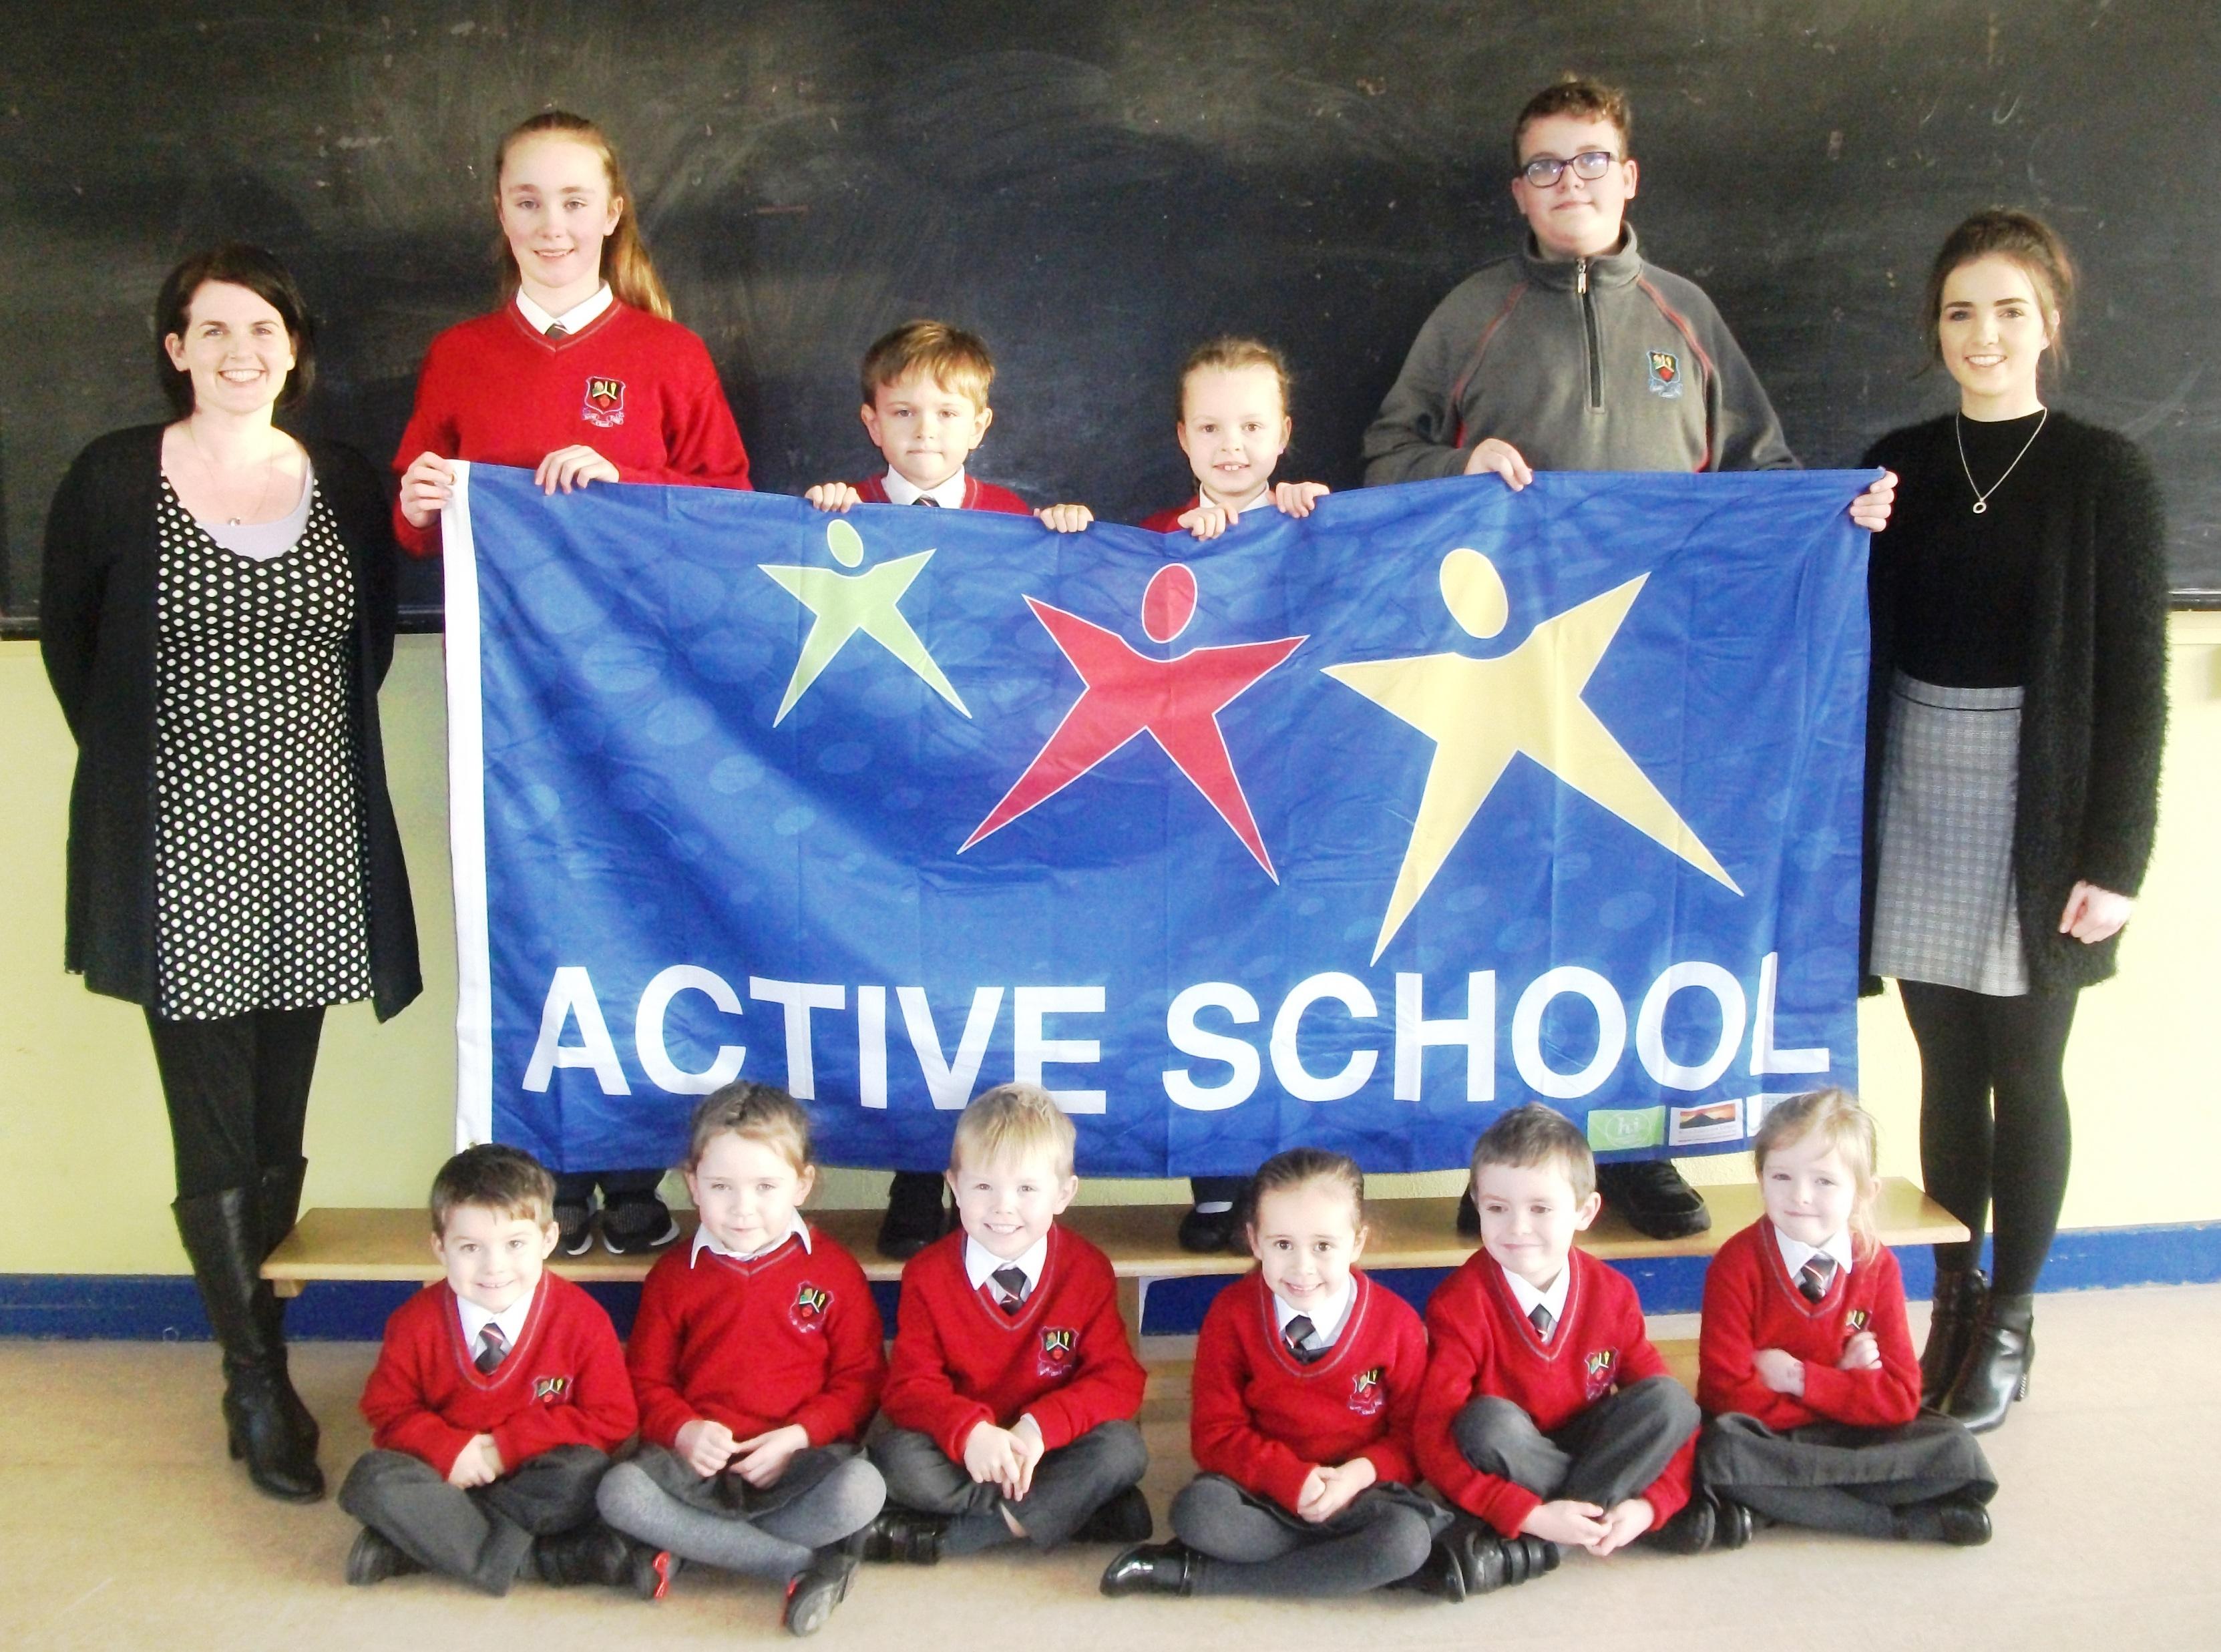 Active school flag 003